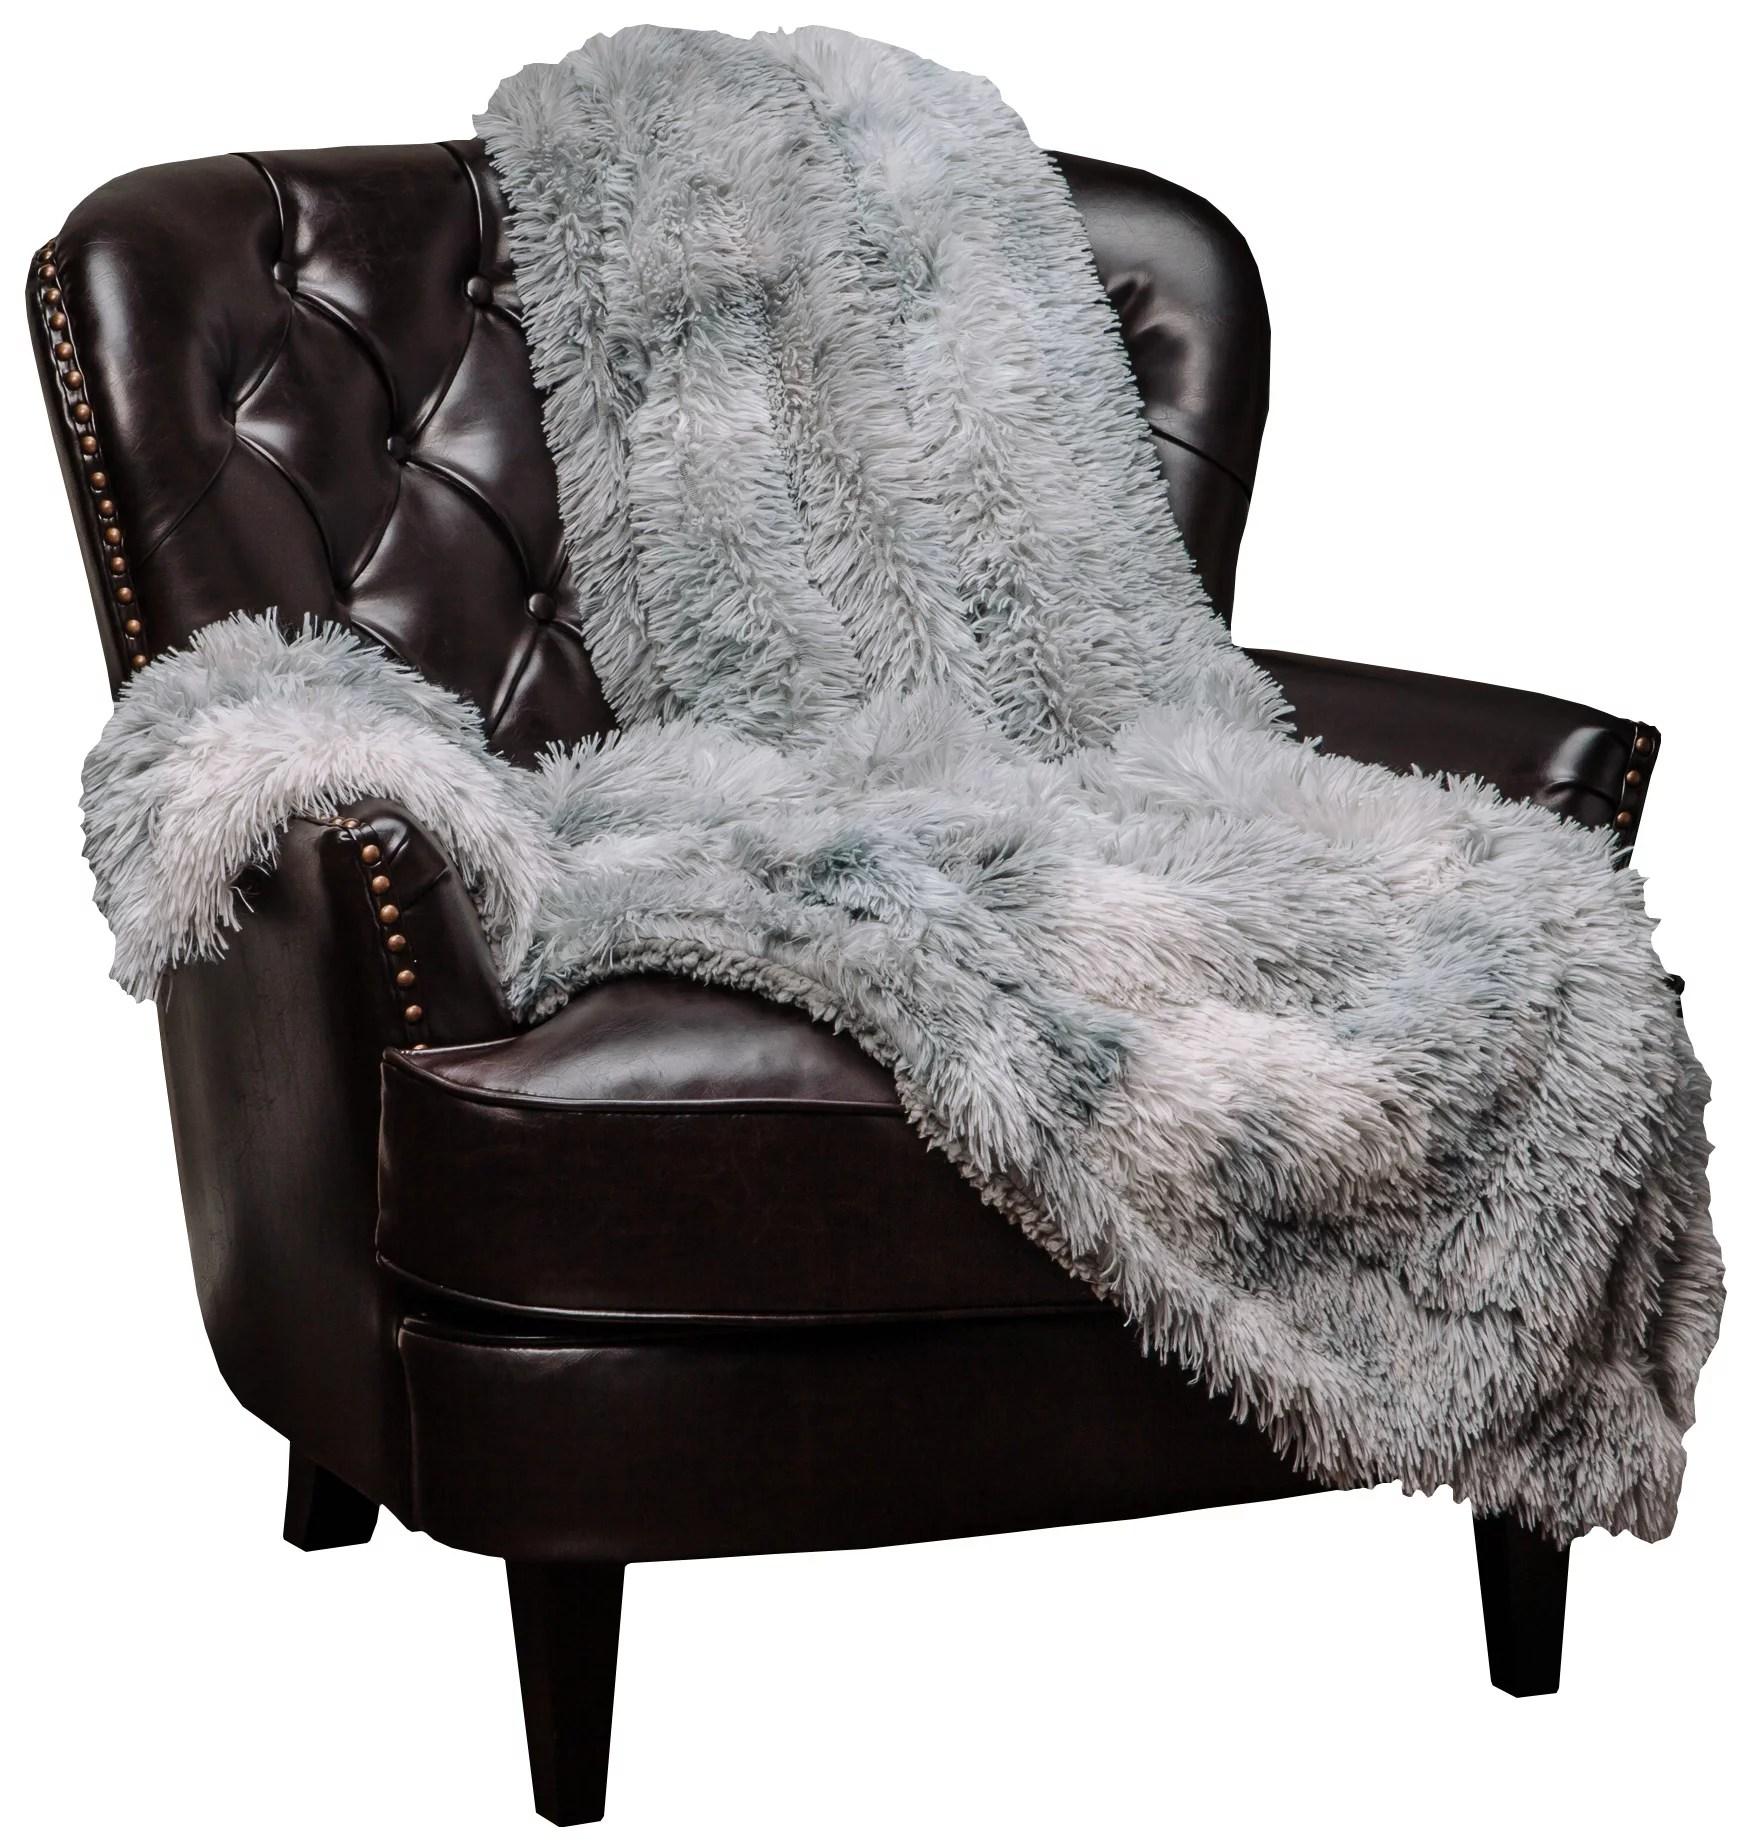 chanasya faux fur sherpa throw blanket color variation marble print super soft shaggy fuzzy fluffy elegant cozy plush microfiber silver grey